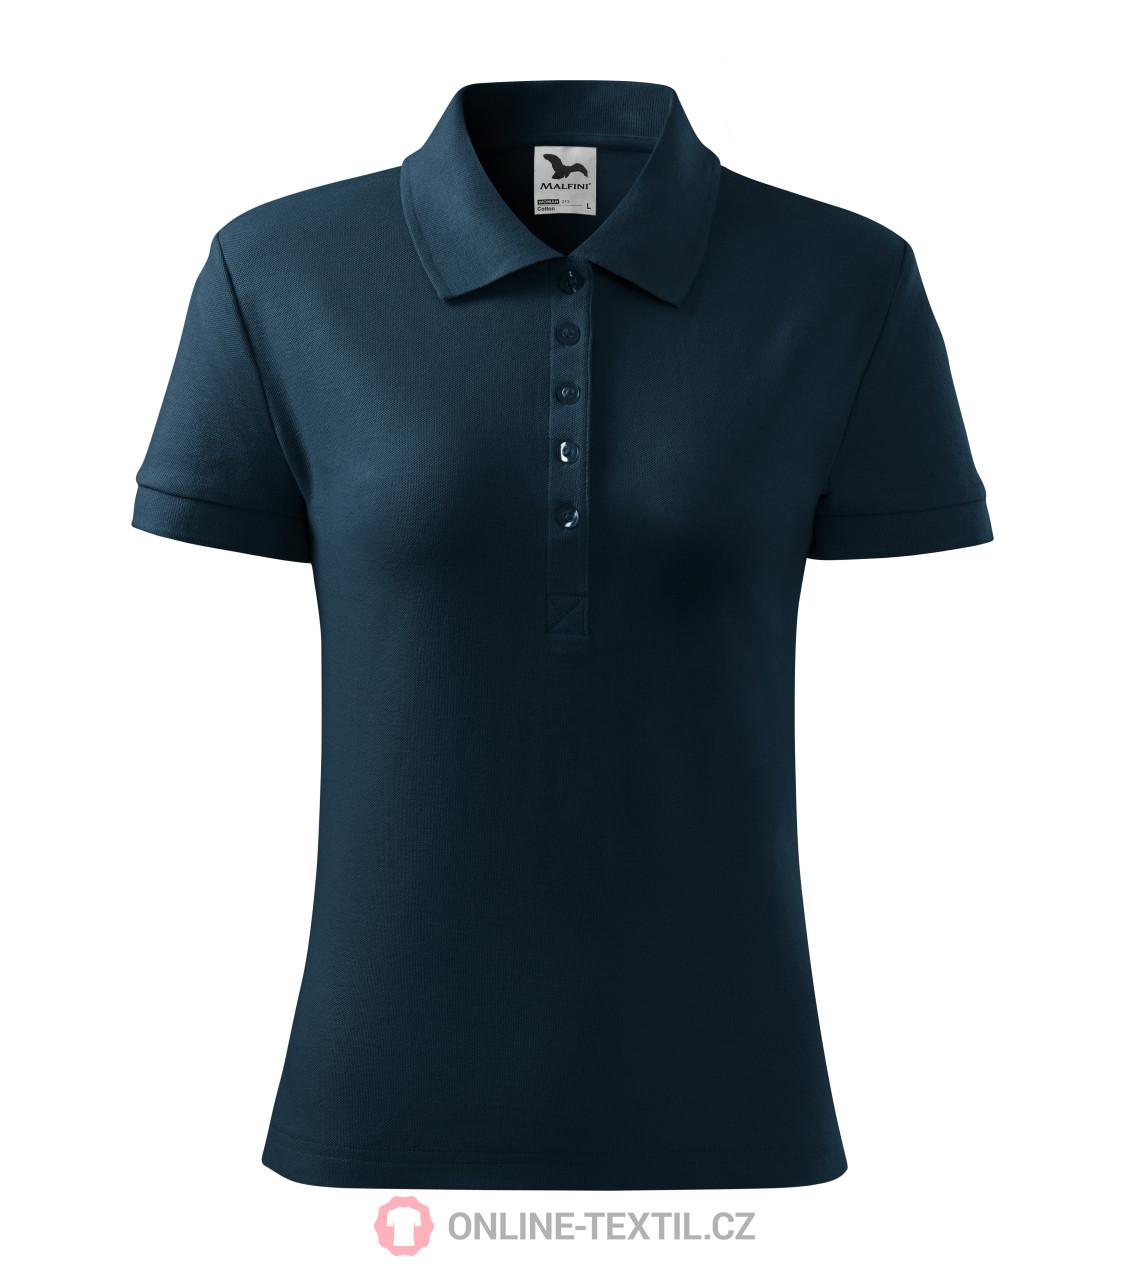 Ladies Polo Shirt Cotton navy blue